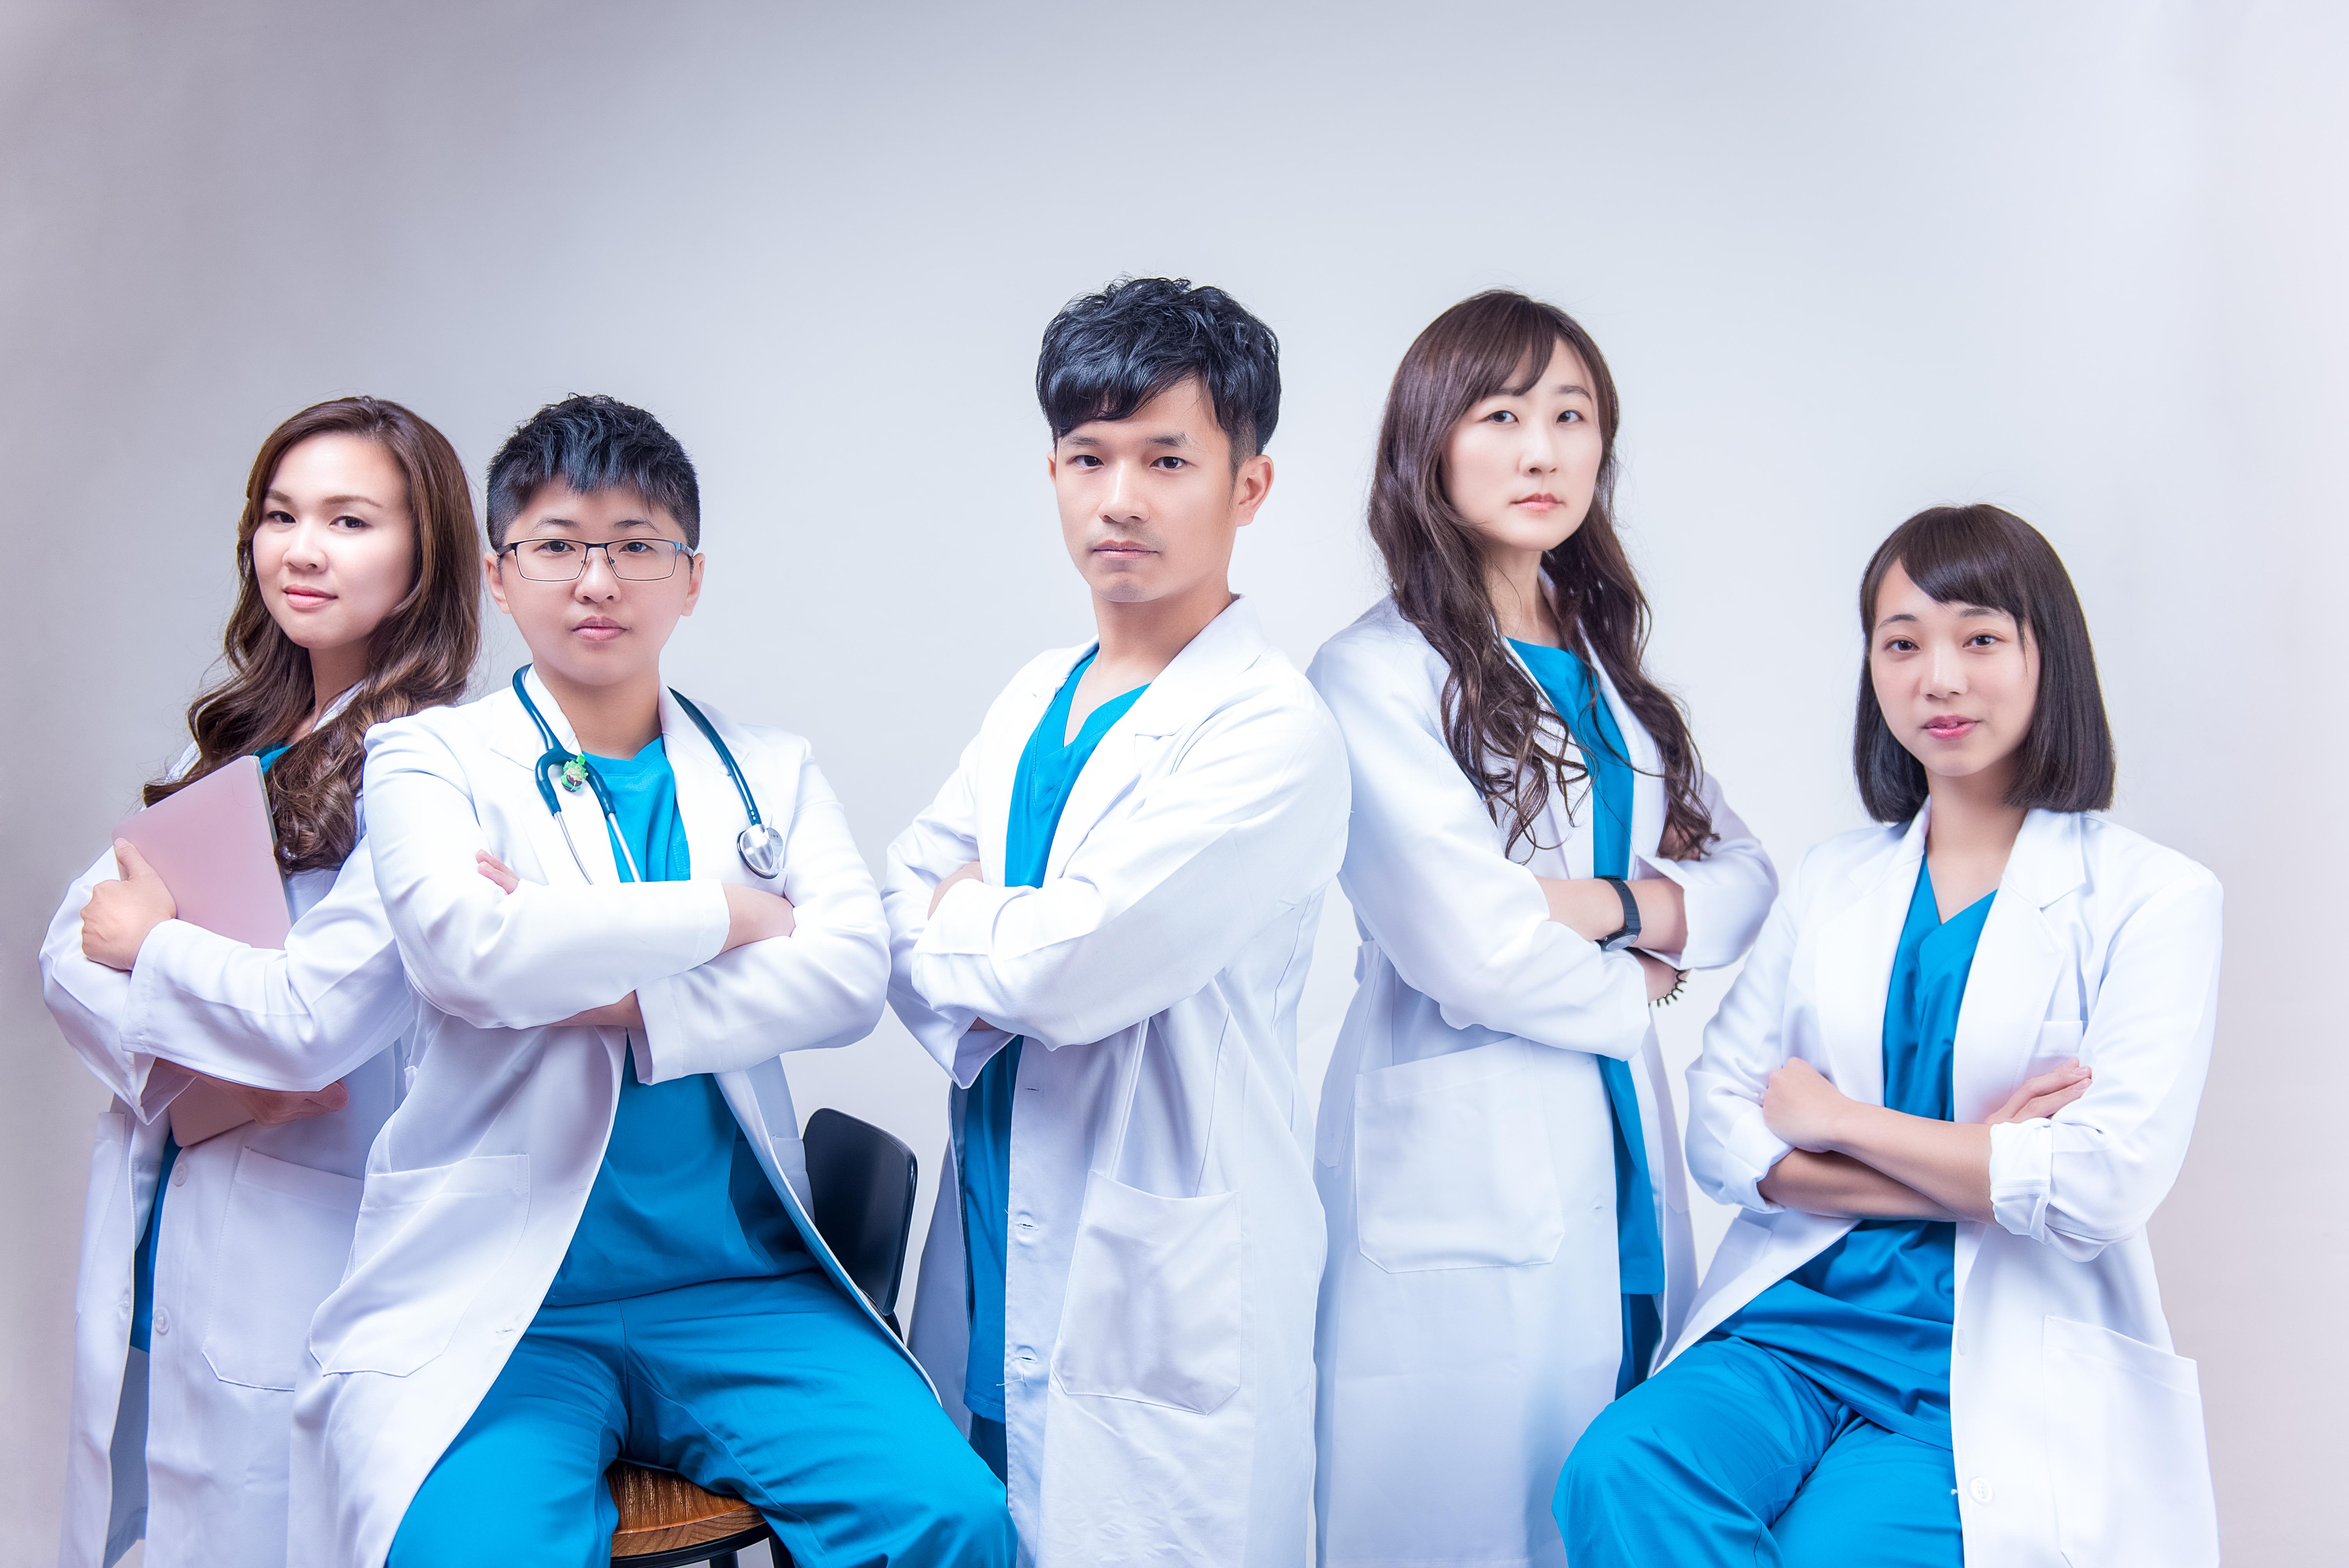 台中醫師團體形象照